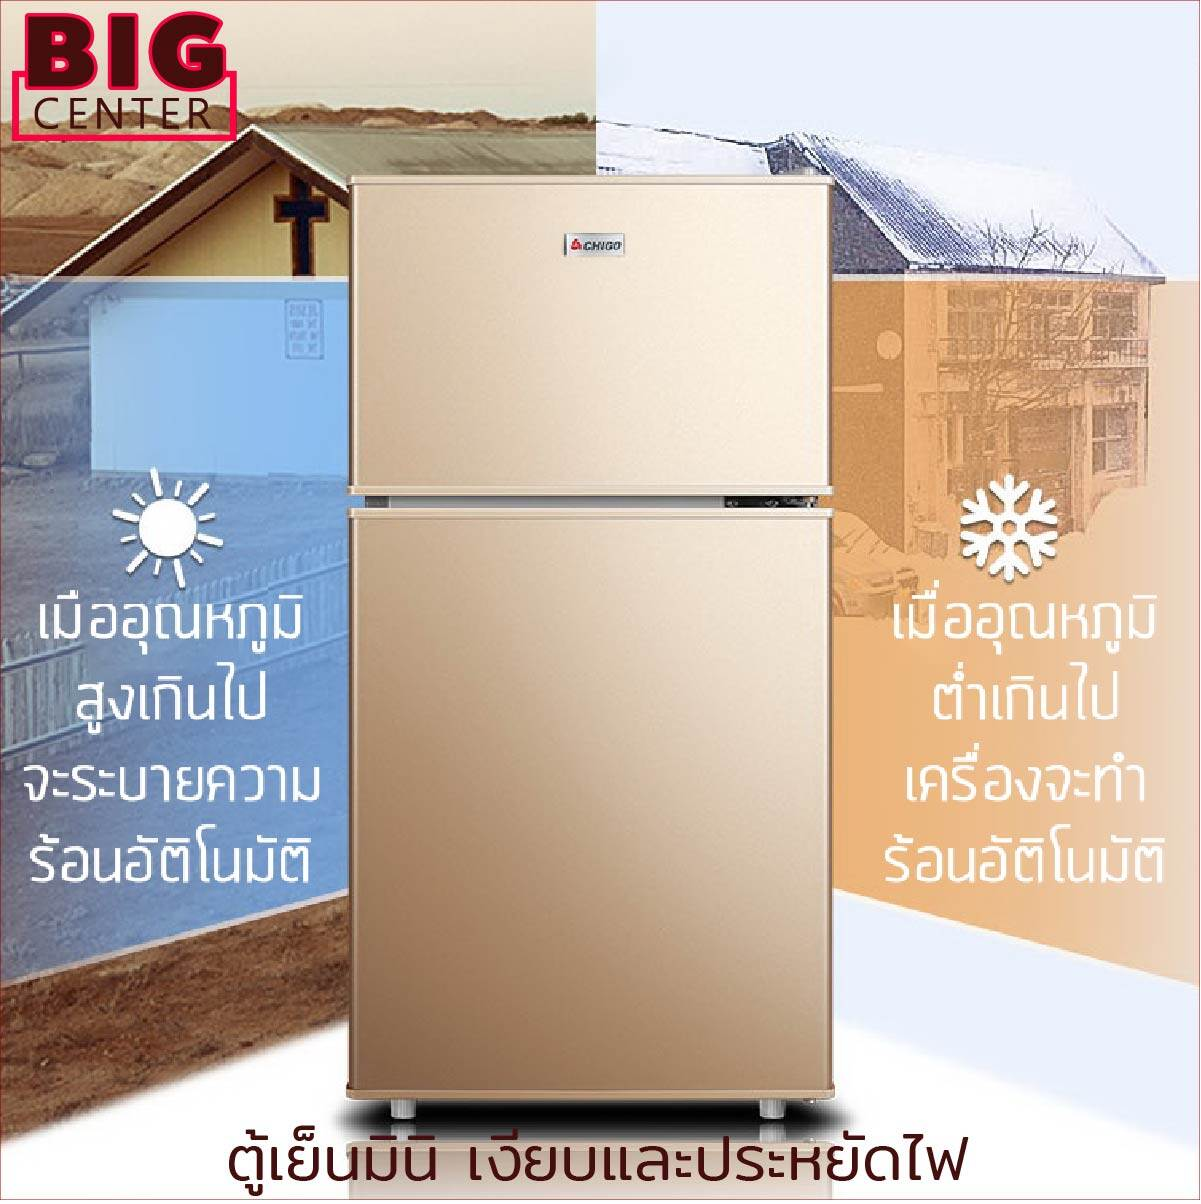 ตู้เย็น ตู้เย็นมินิ 2 ประตู ตู้เย็น2ประตู ตู้เย็นเล็ก ตู้เย็นสองประตู ตู้เย็นขนาดเล็ก ตู้เย็นราคาถูก ตู้แช่ ตู้แช่เย็น ความจุรวม43l Big Center.